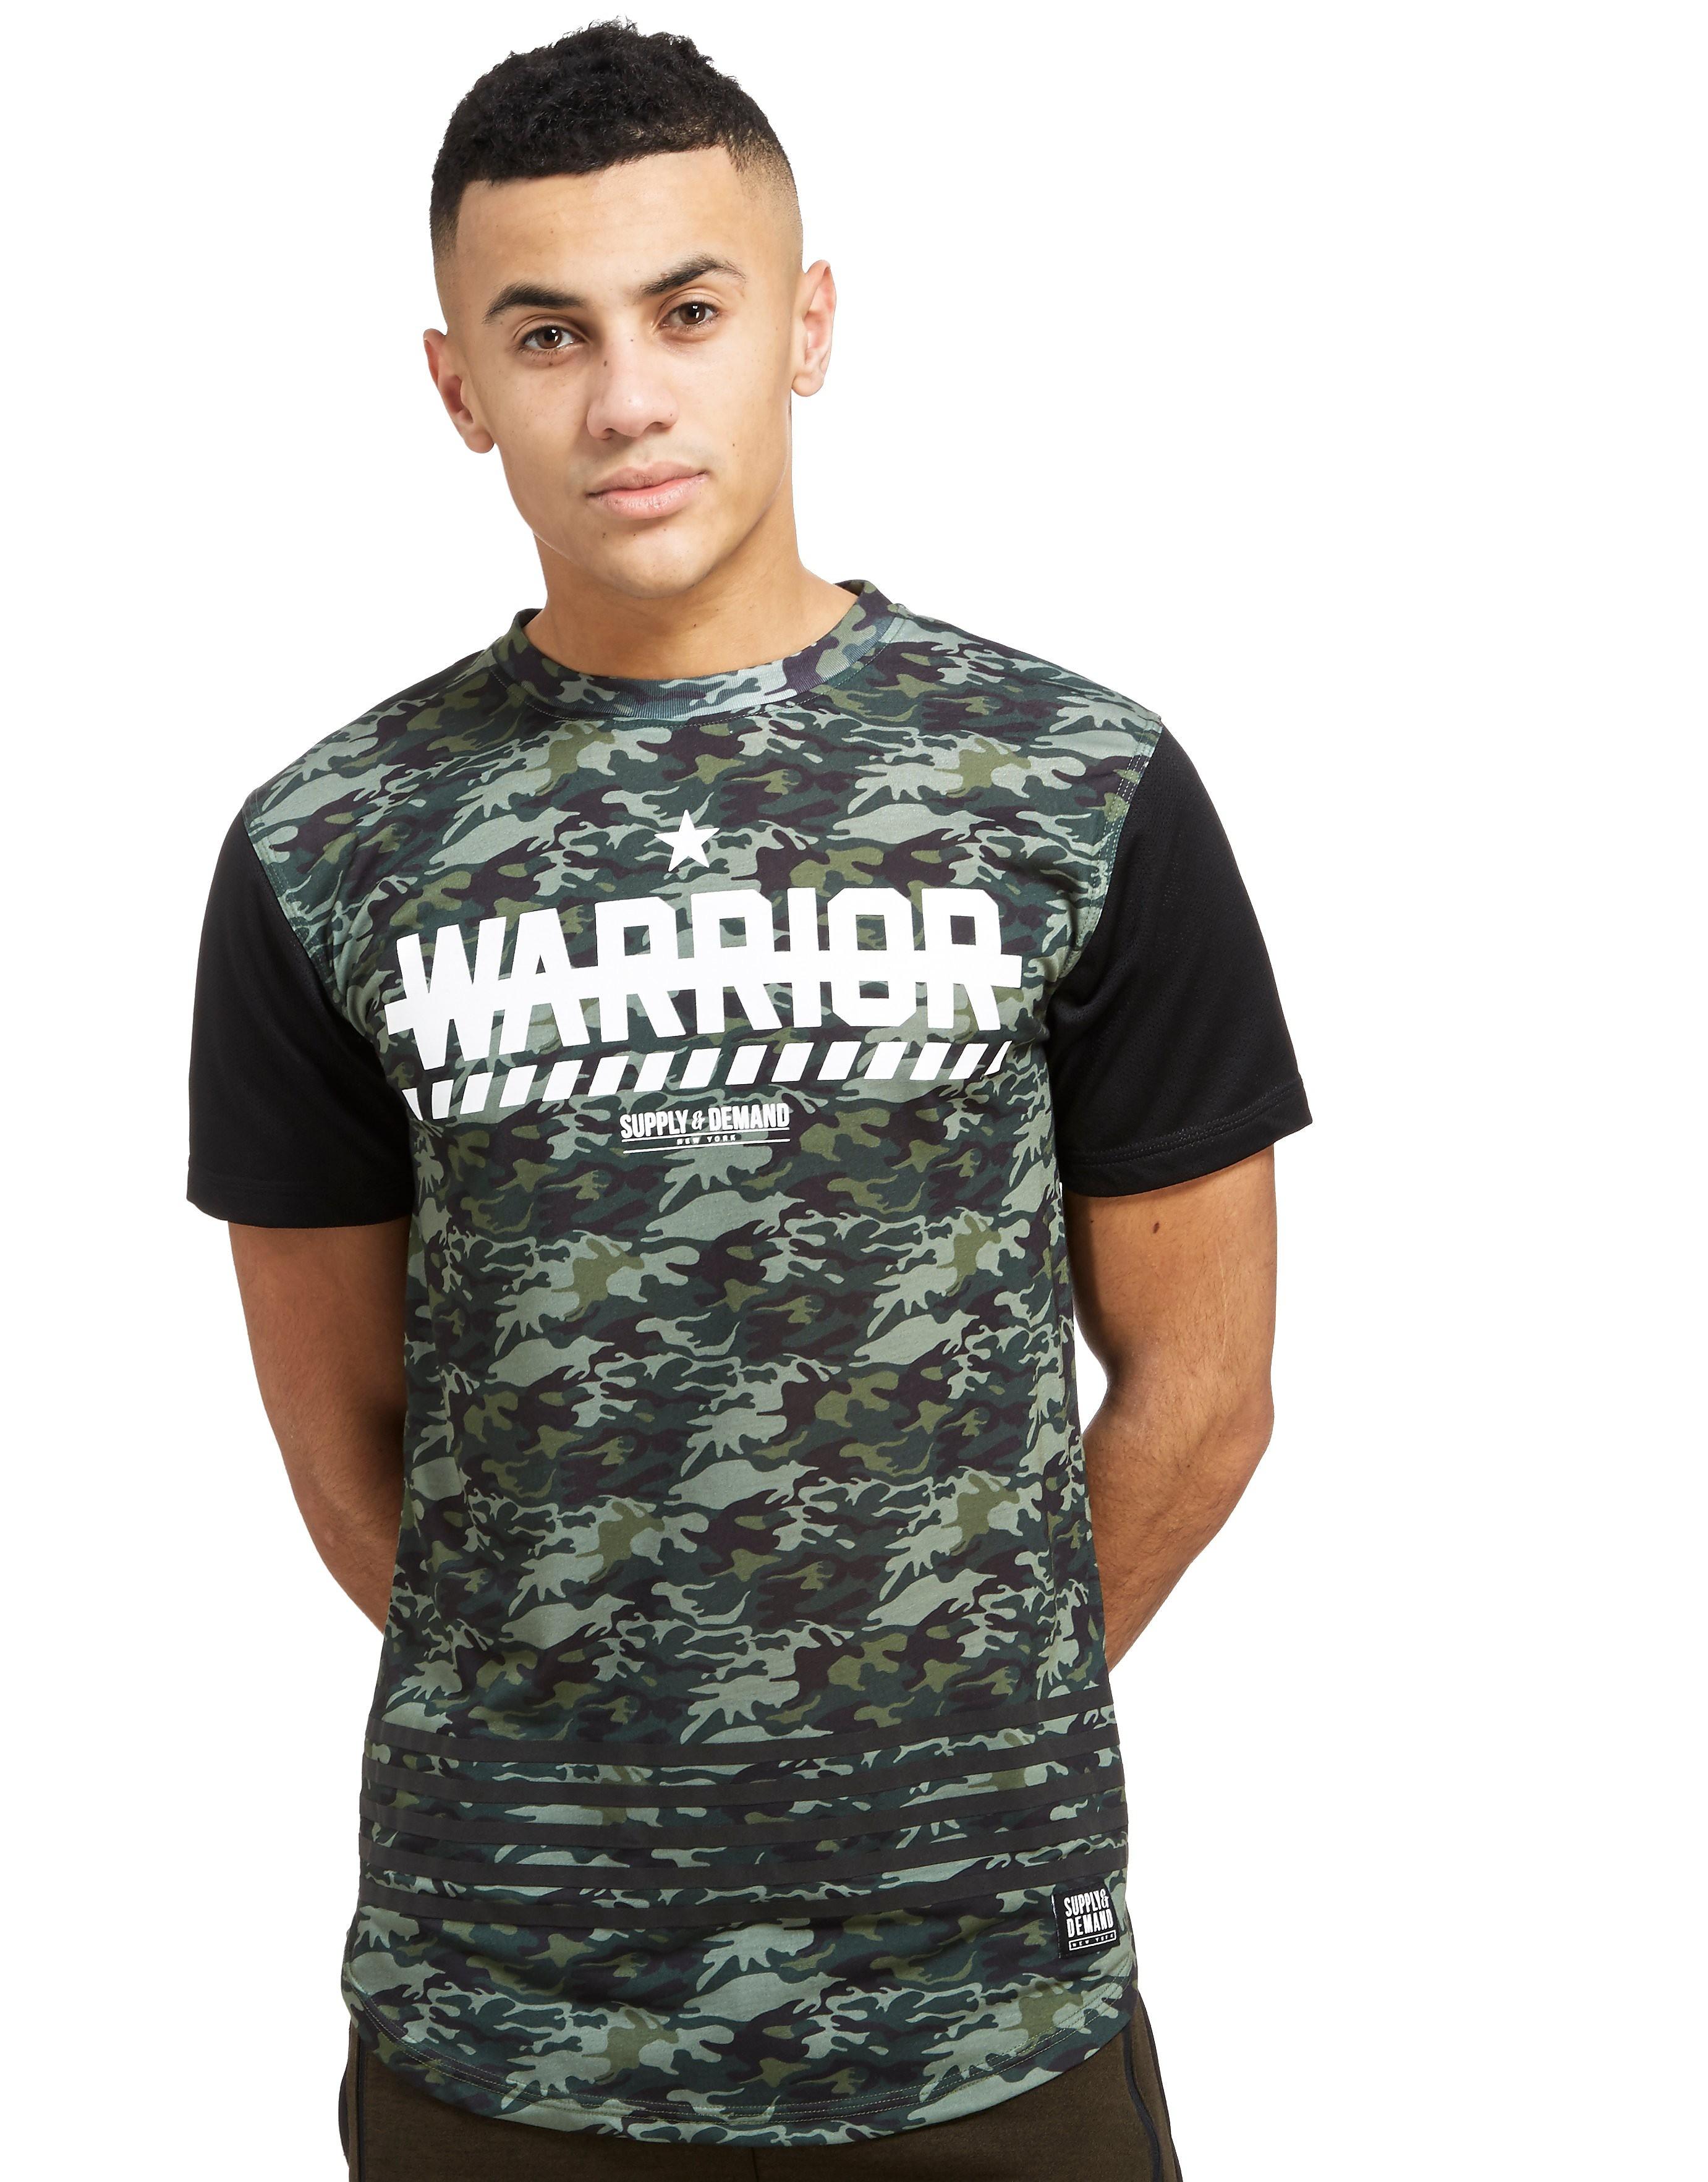 Supply & Demand Shuttle T-Shirt